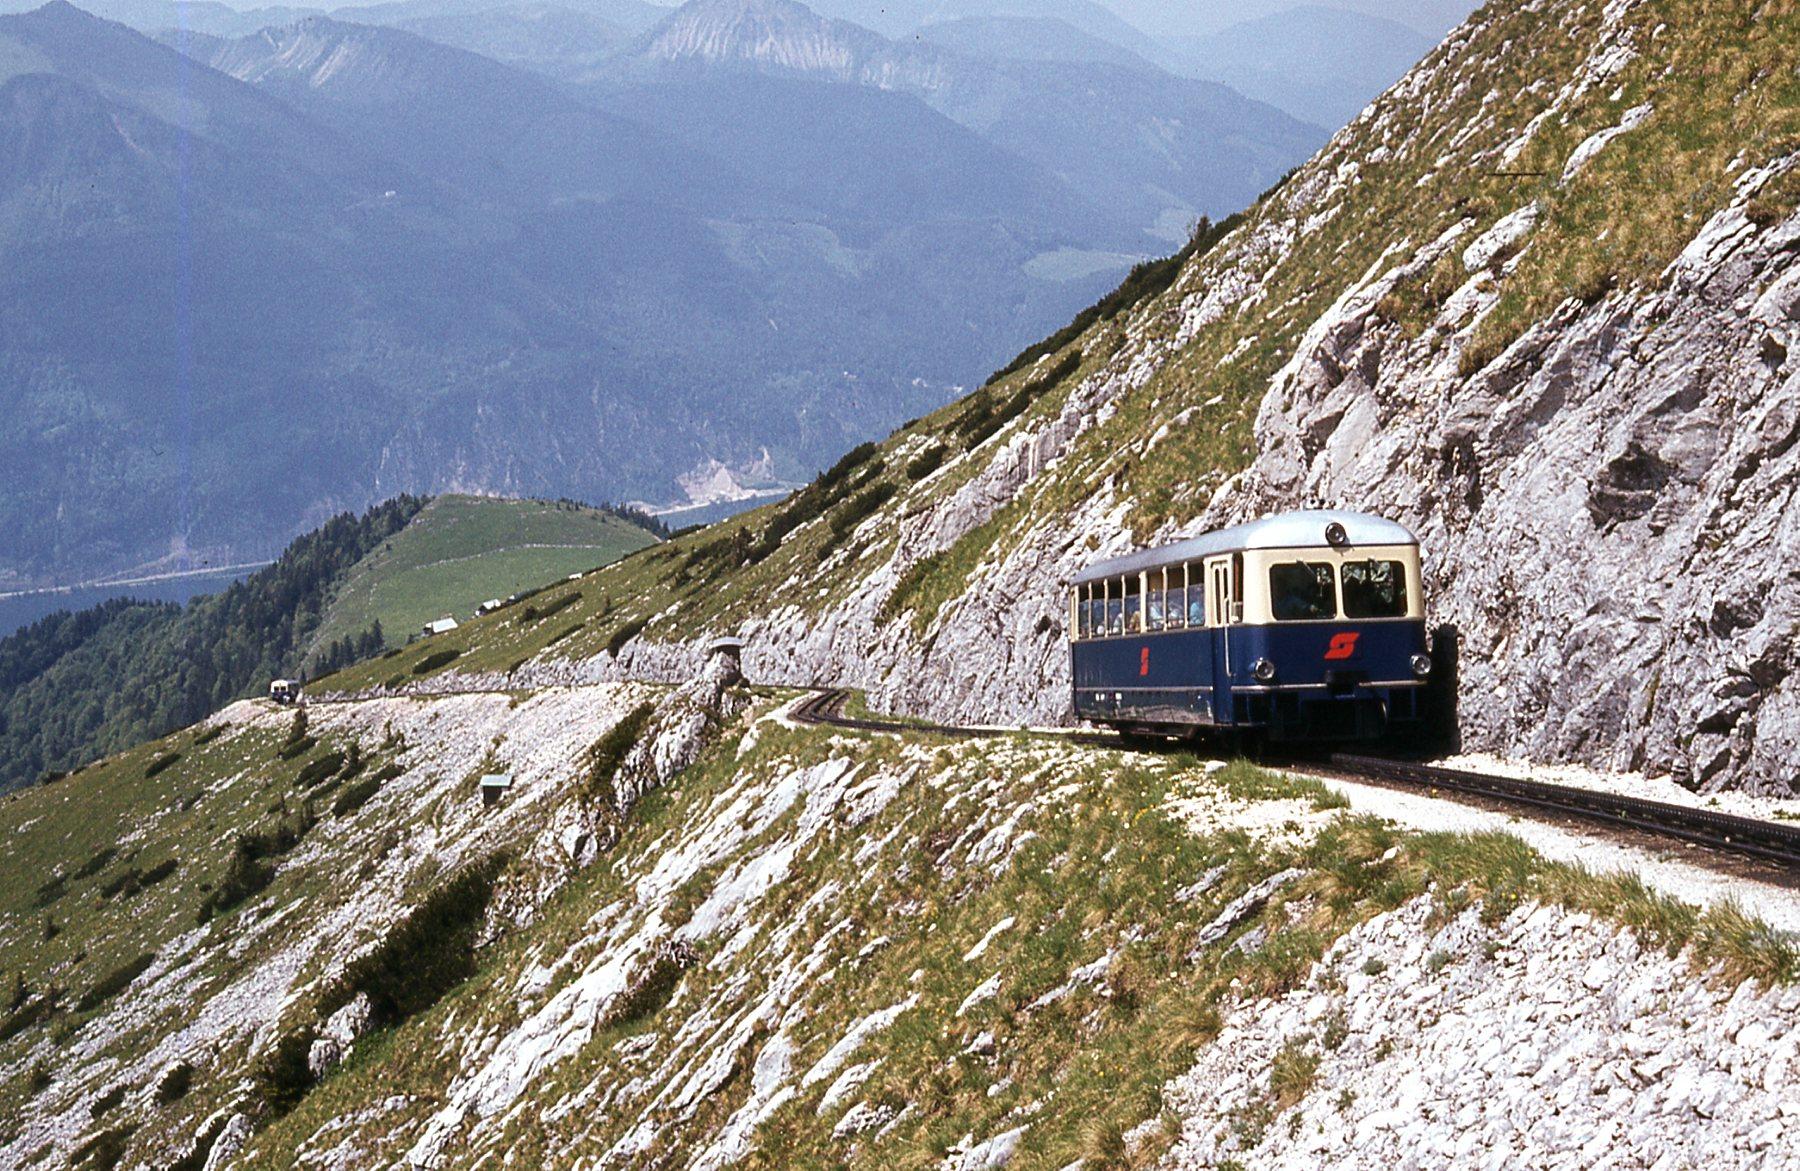 File:Schafbergbahn 5099 on upper section.jpg